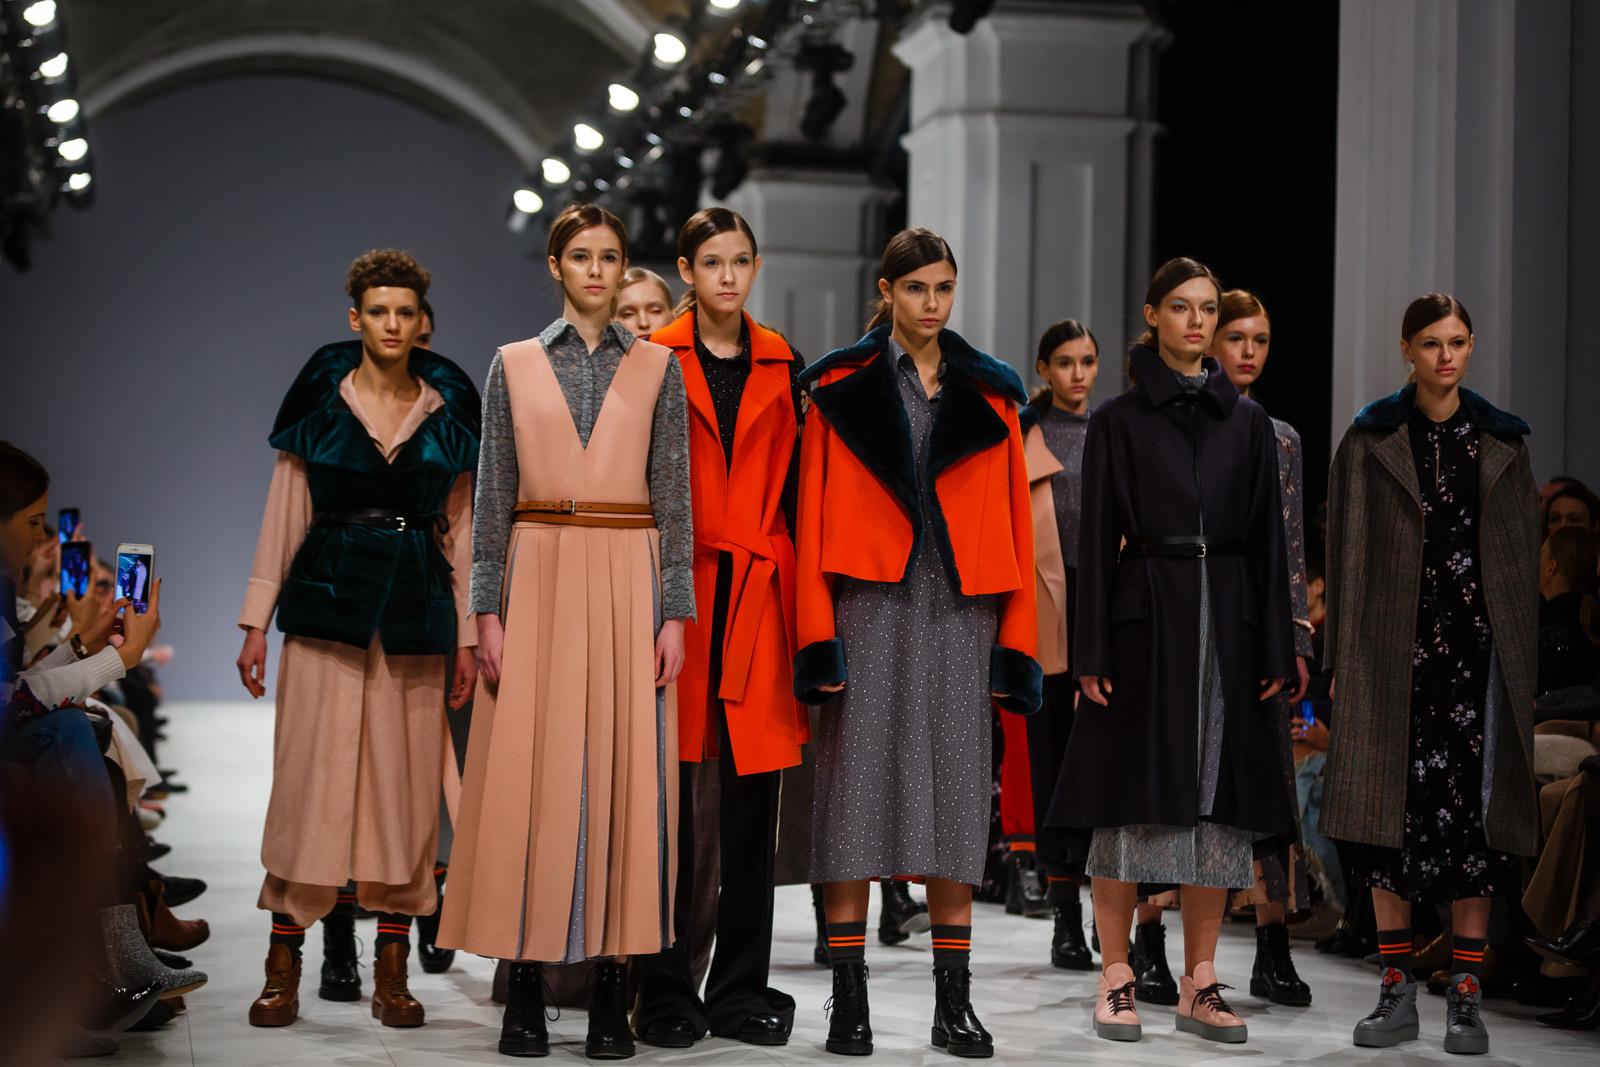 POUSTOVIT - хедлайнер первого дня Недели моды